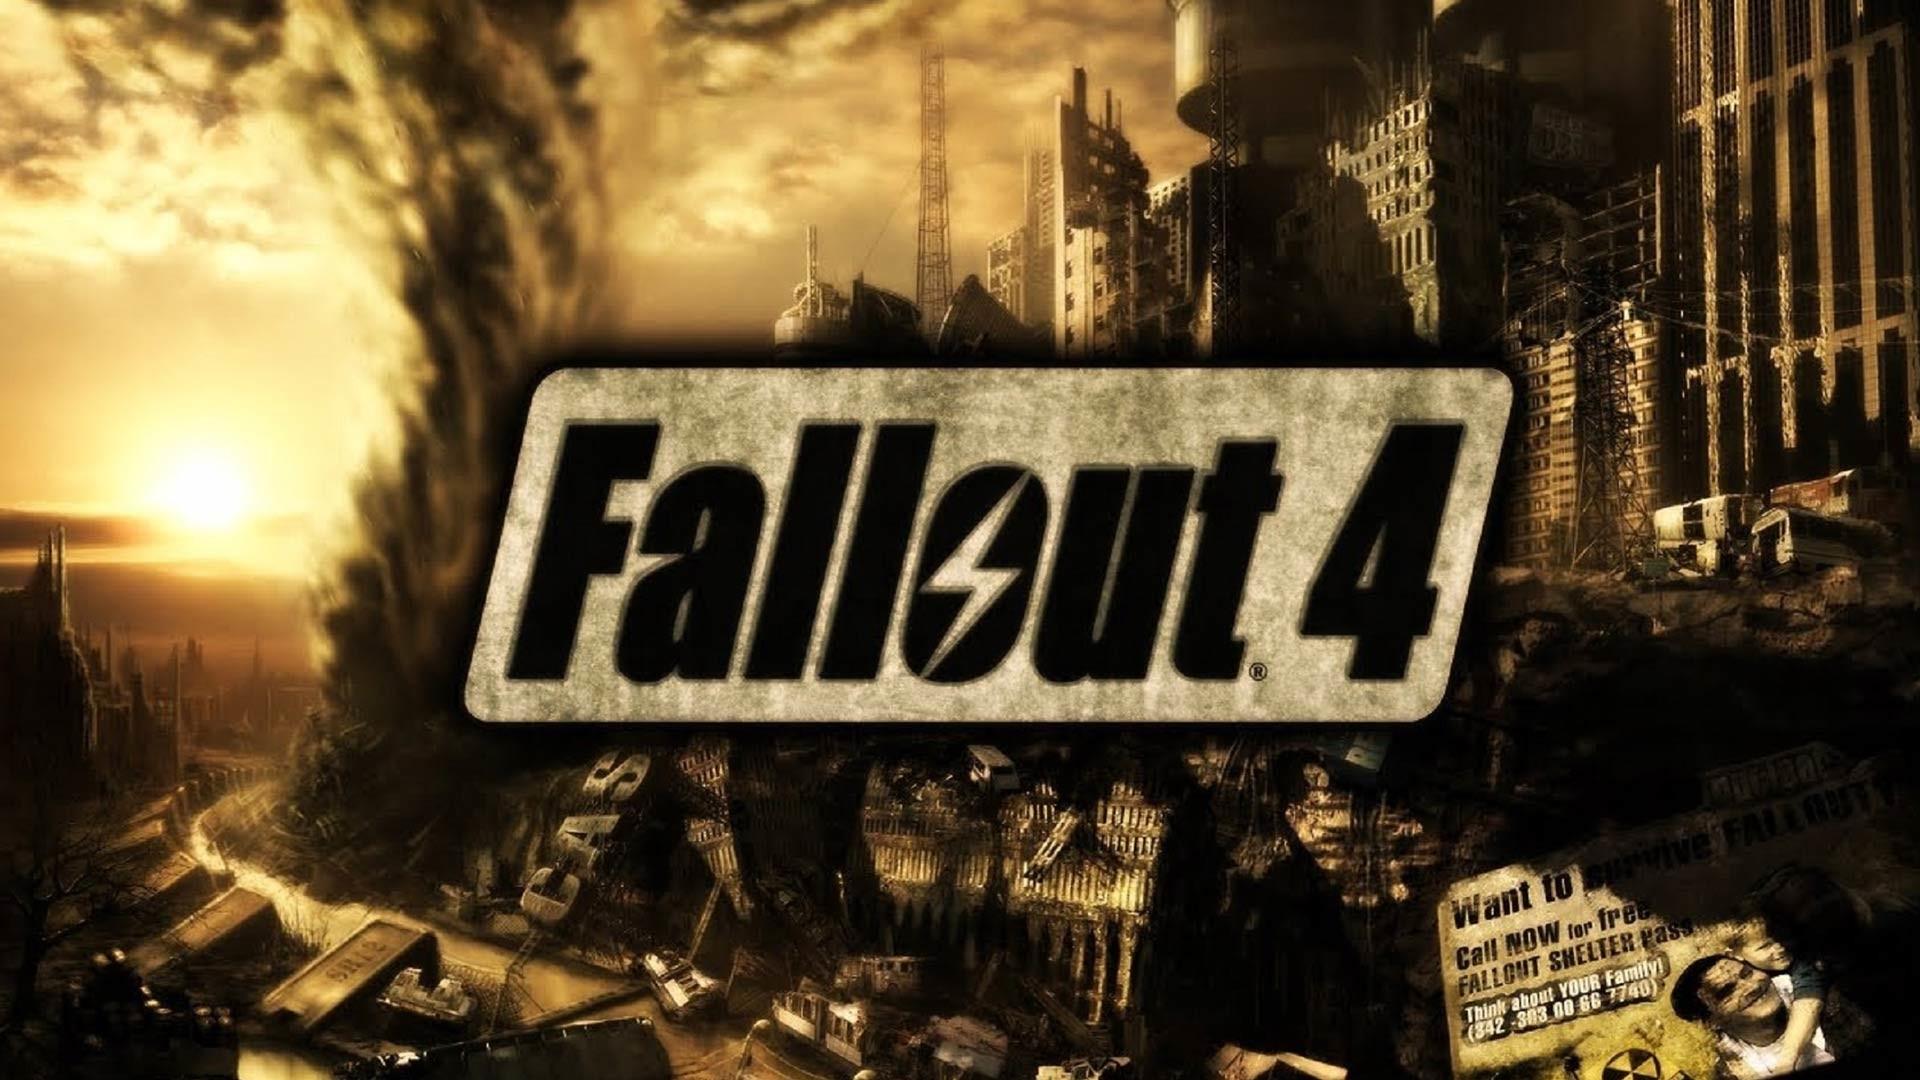 Fallout 4 Wallpaper